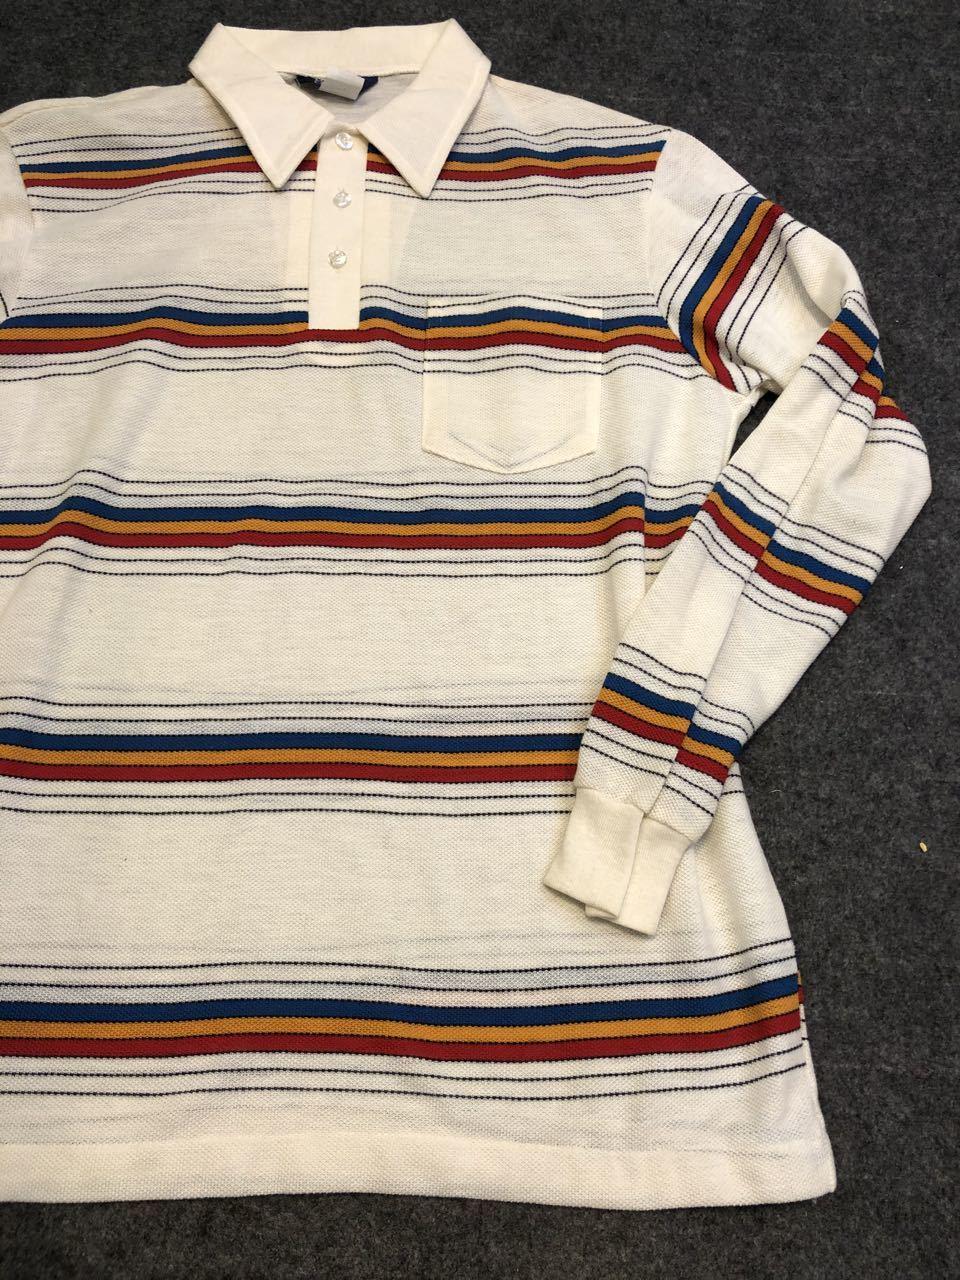 3月20日(金)入荷! デッドストック 80s MADE IN U.S.A  DEE CEE Long sleeve ポロシャツ!_c0144020_14202821.jpg